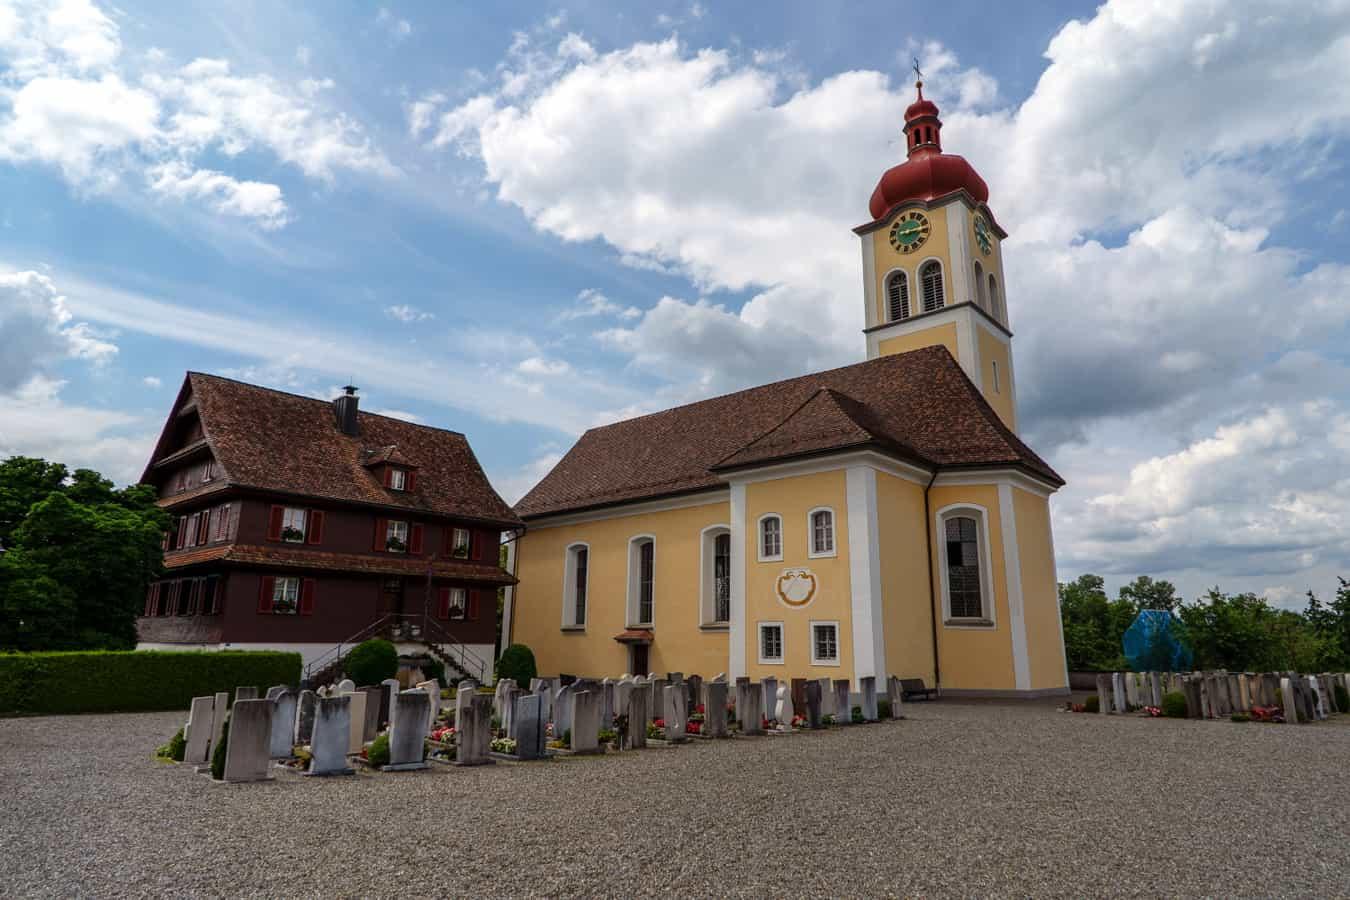 Dorfkirche St. Luzia in Aesch